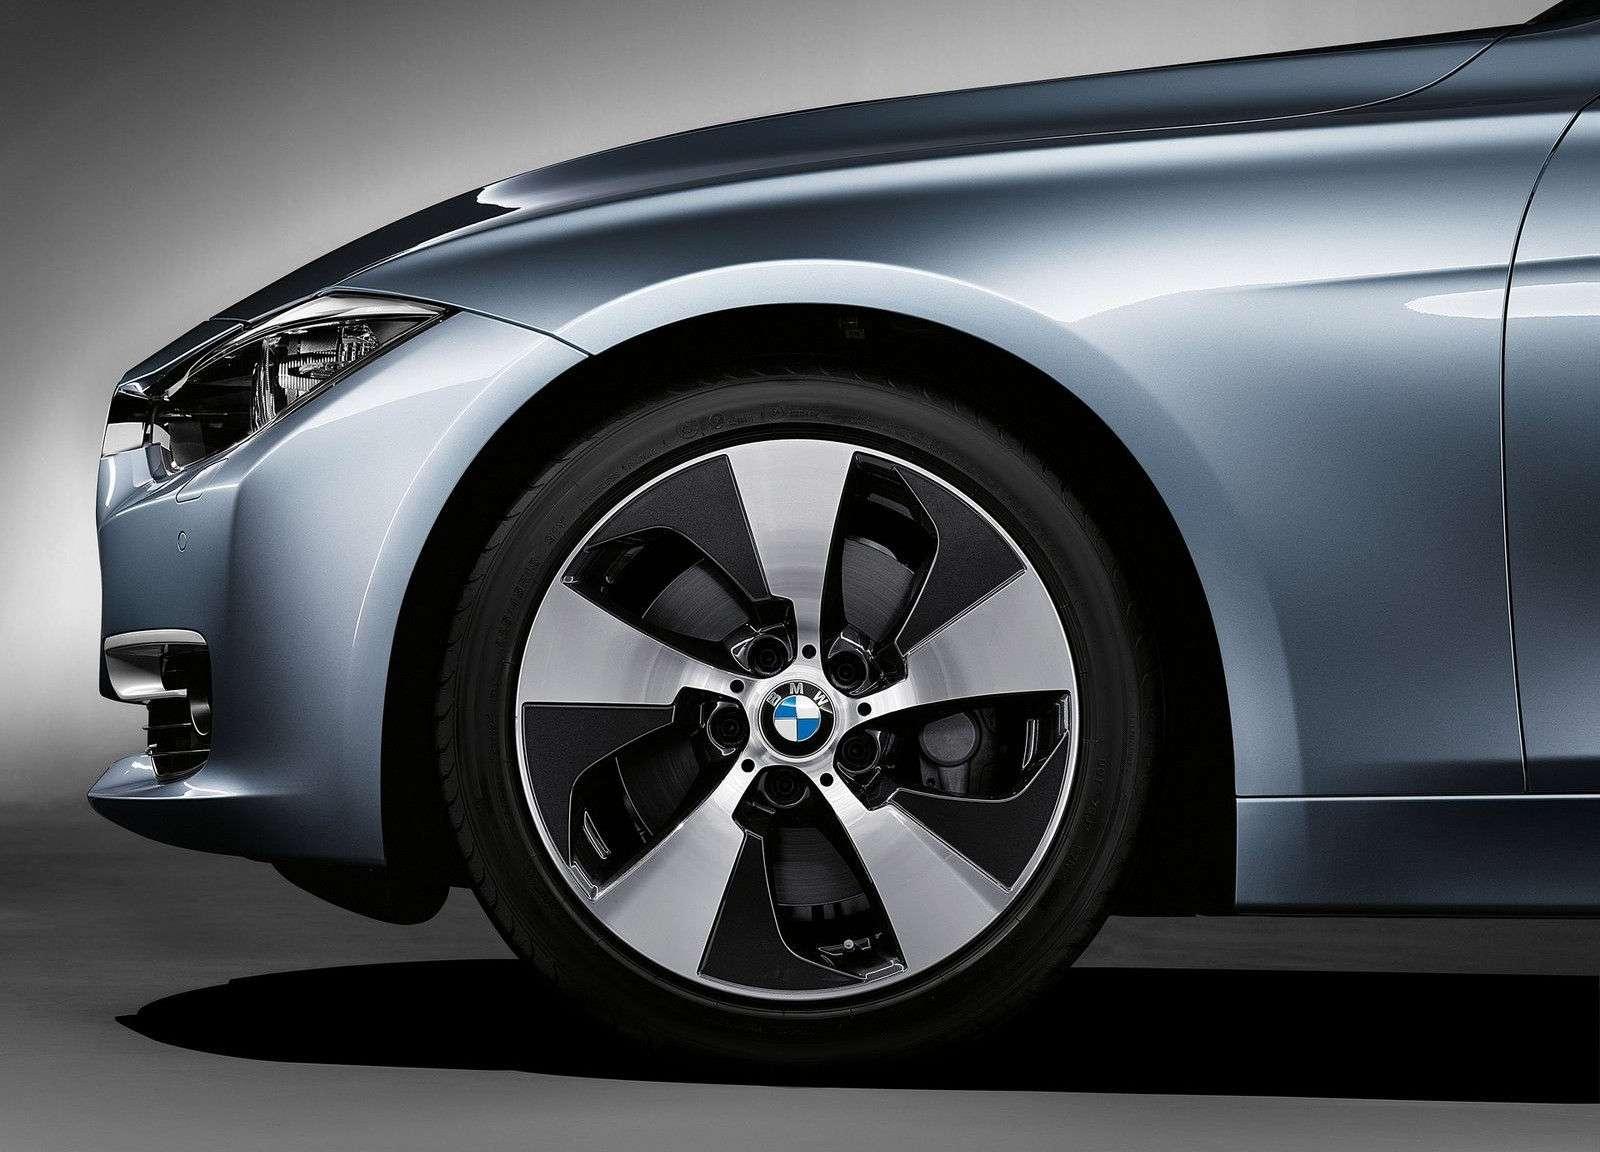 BMW 3 Series Wallpaper 008